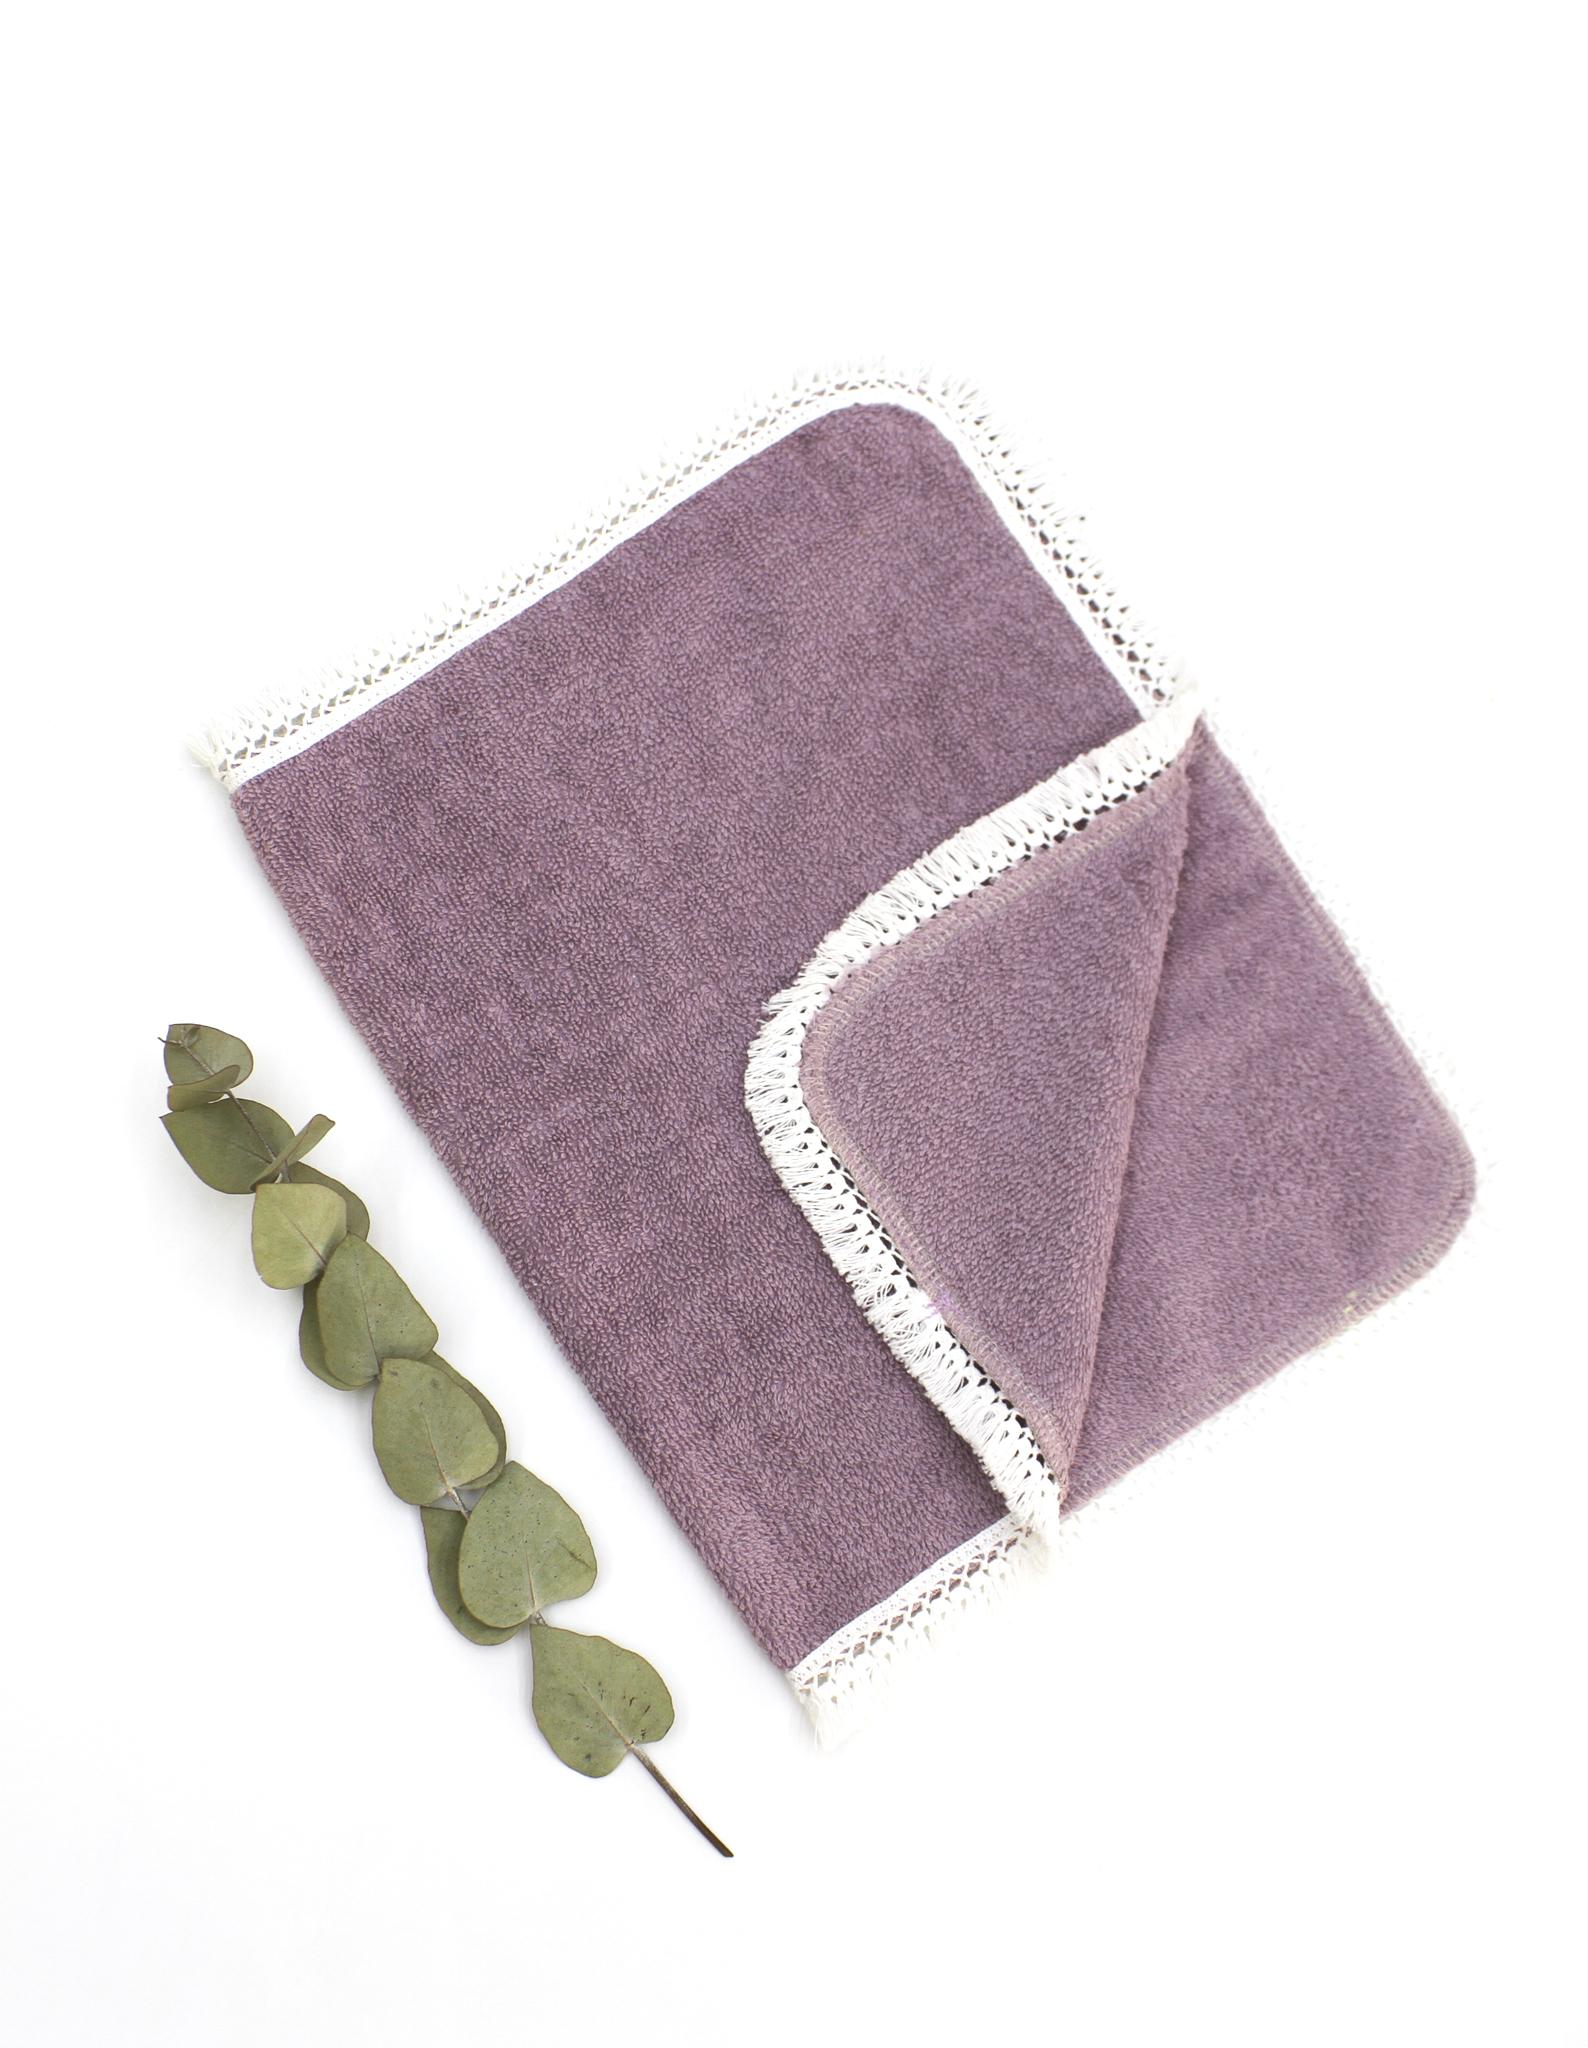 Махровая салфетка с кружевом, пыльно-фиолет.,30х50 см